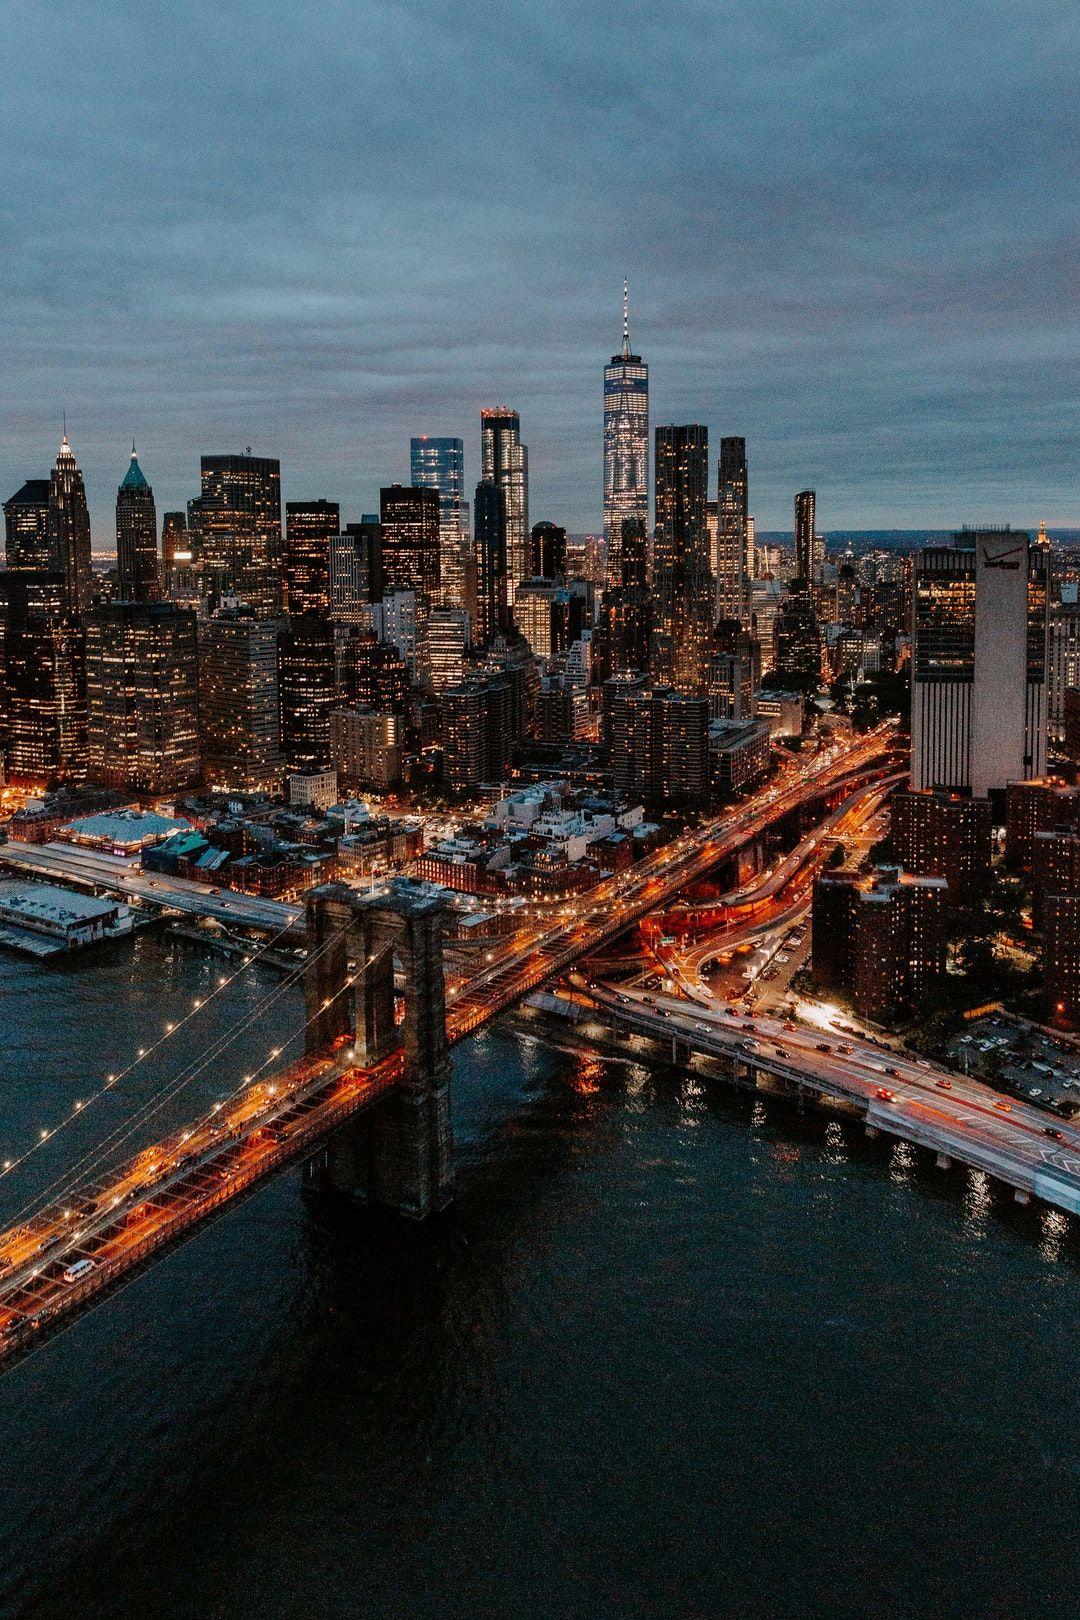 New York Wallpaper City Aesthetic York Wallpaper